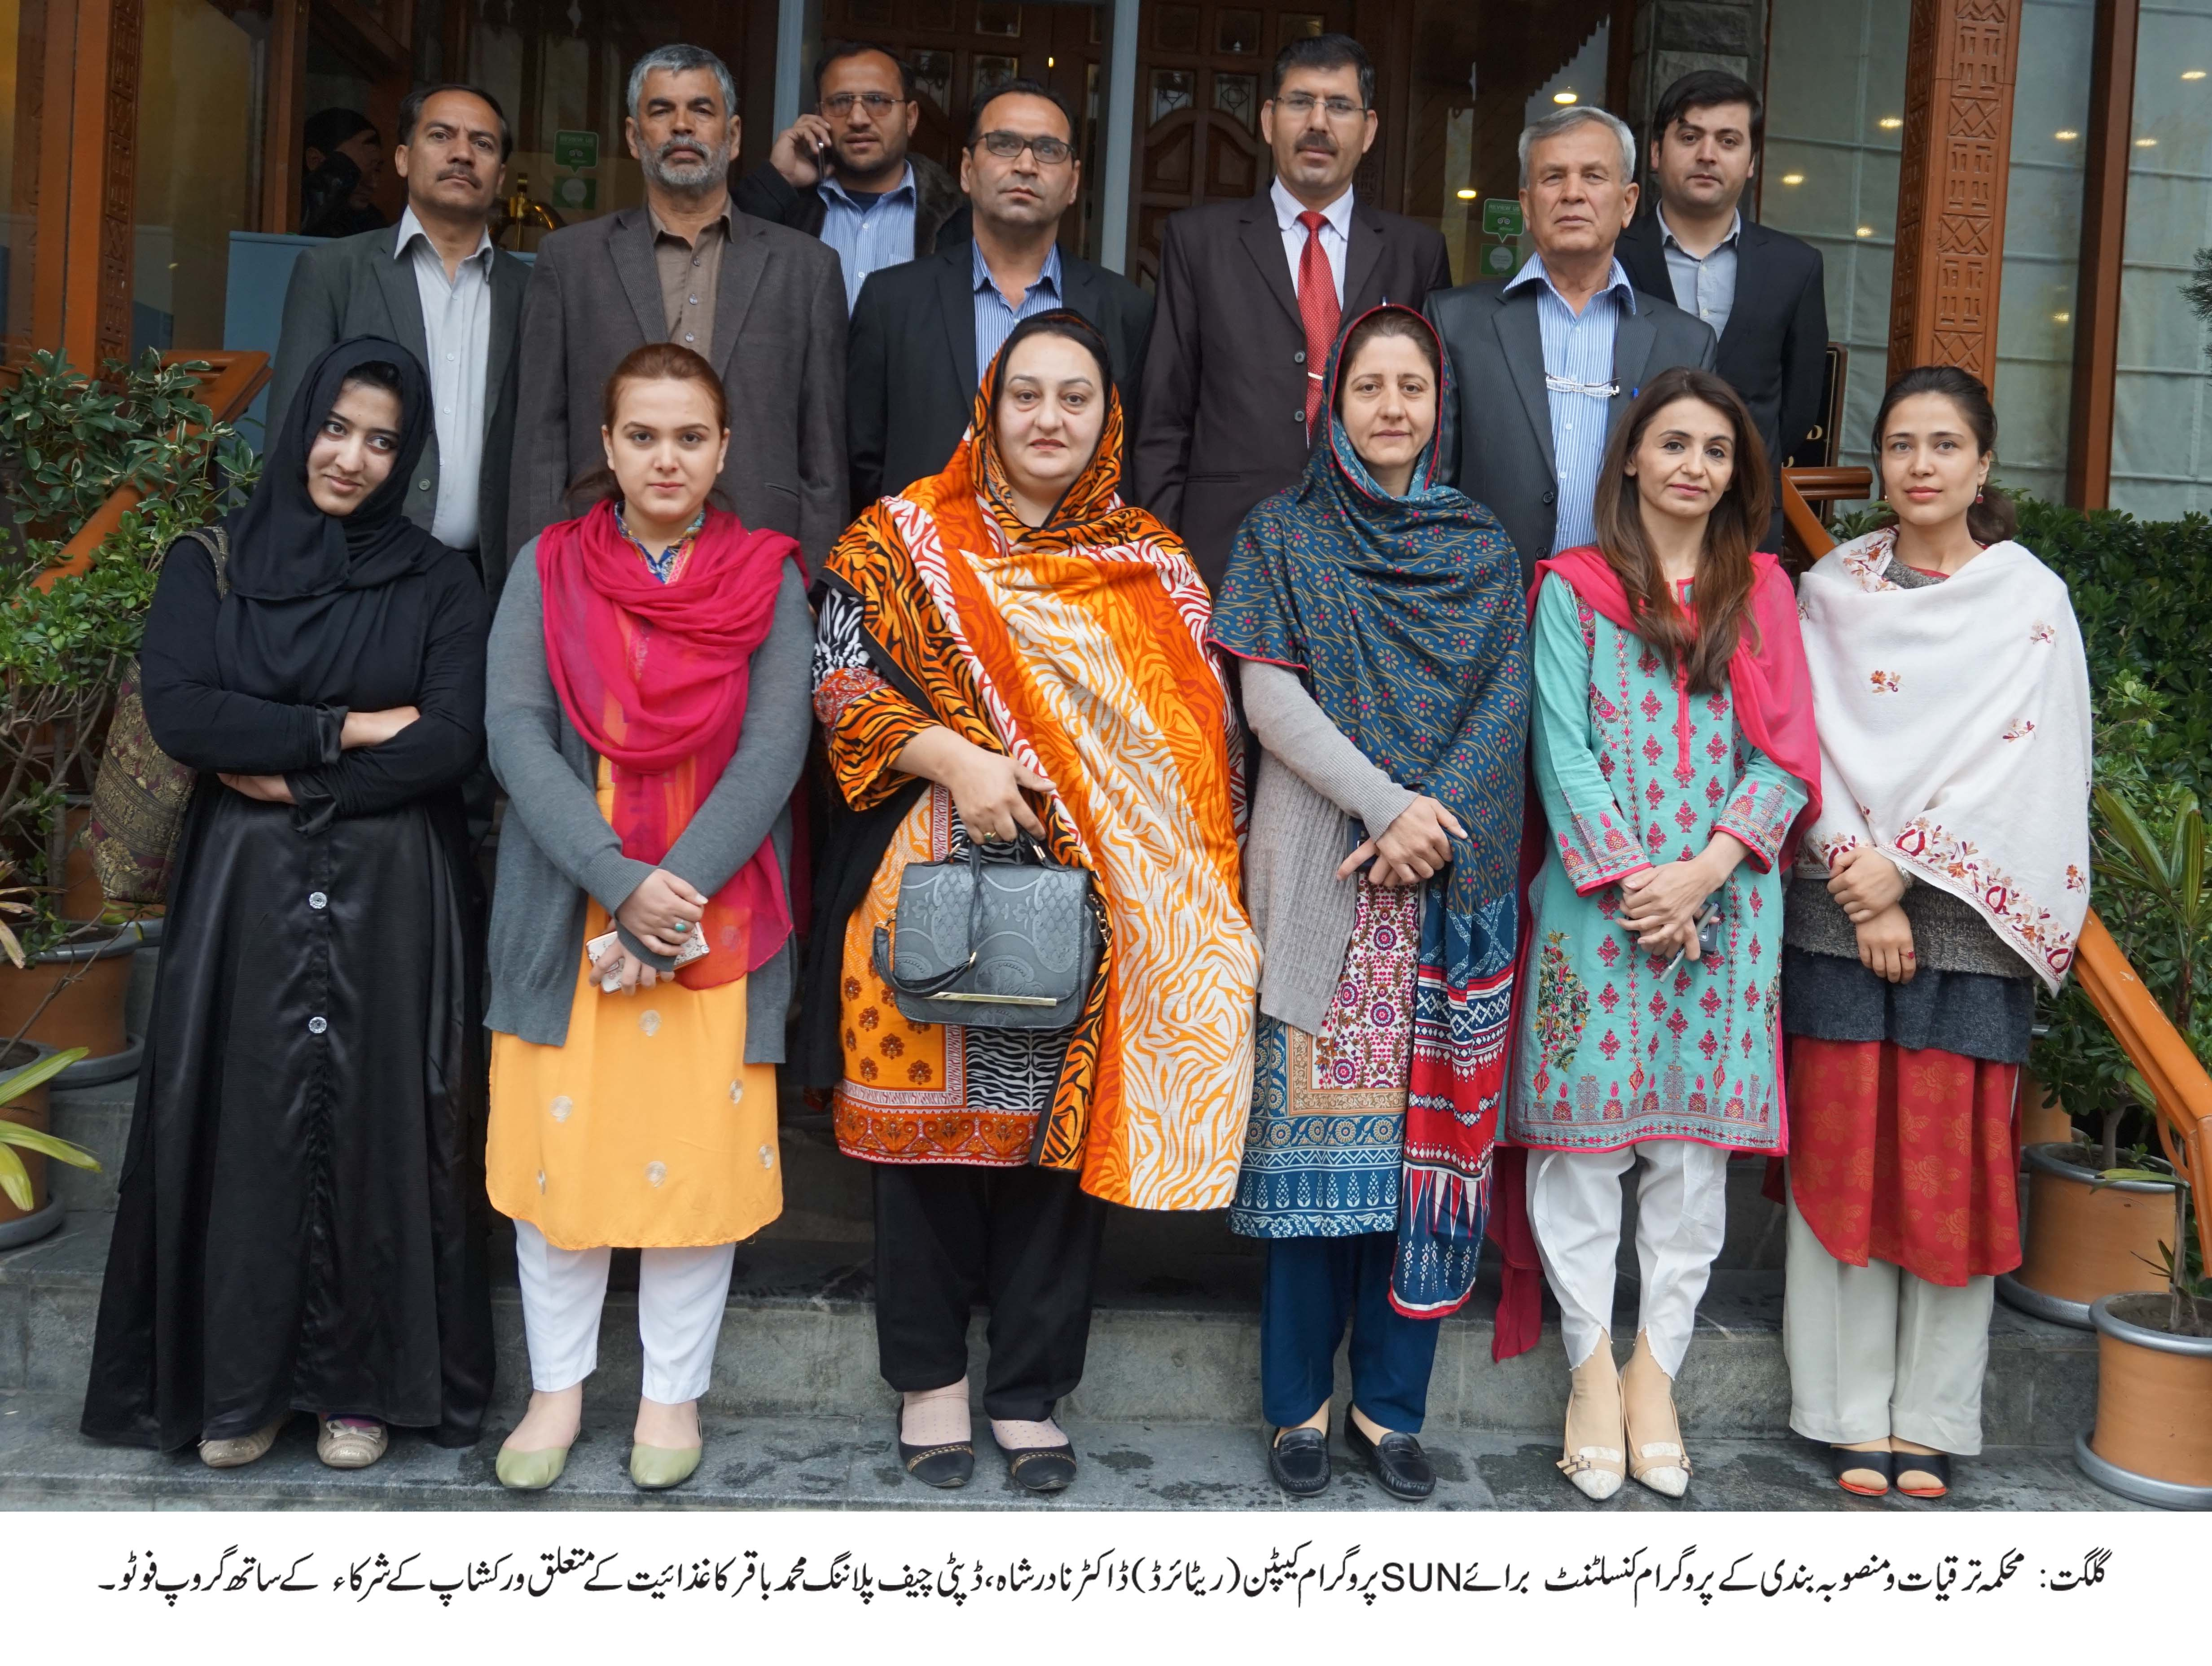 غذائیت کی کمی سے جڑے مسائل حل کرنے کے لئے بہترین حکمت عملی اور اقدامات کی ضرورت ہے، ڈاکٹر بسم اللہ خان